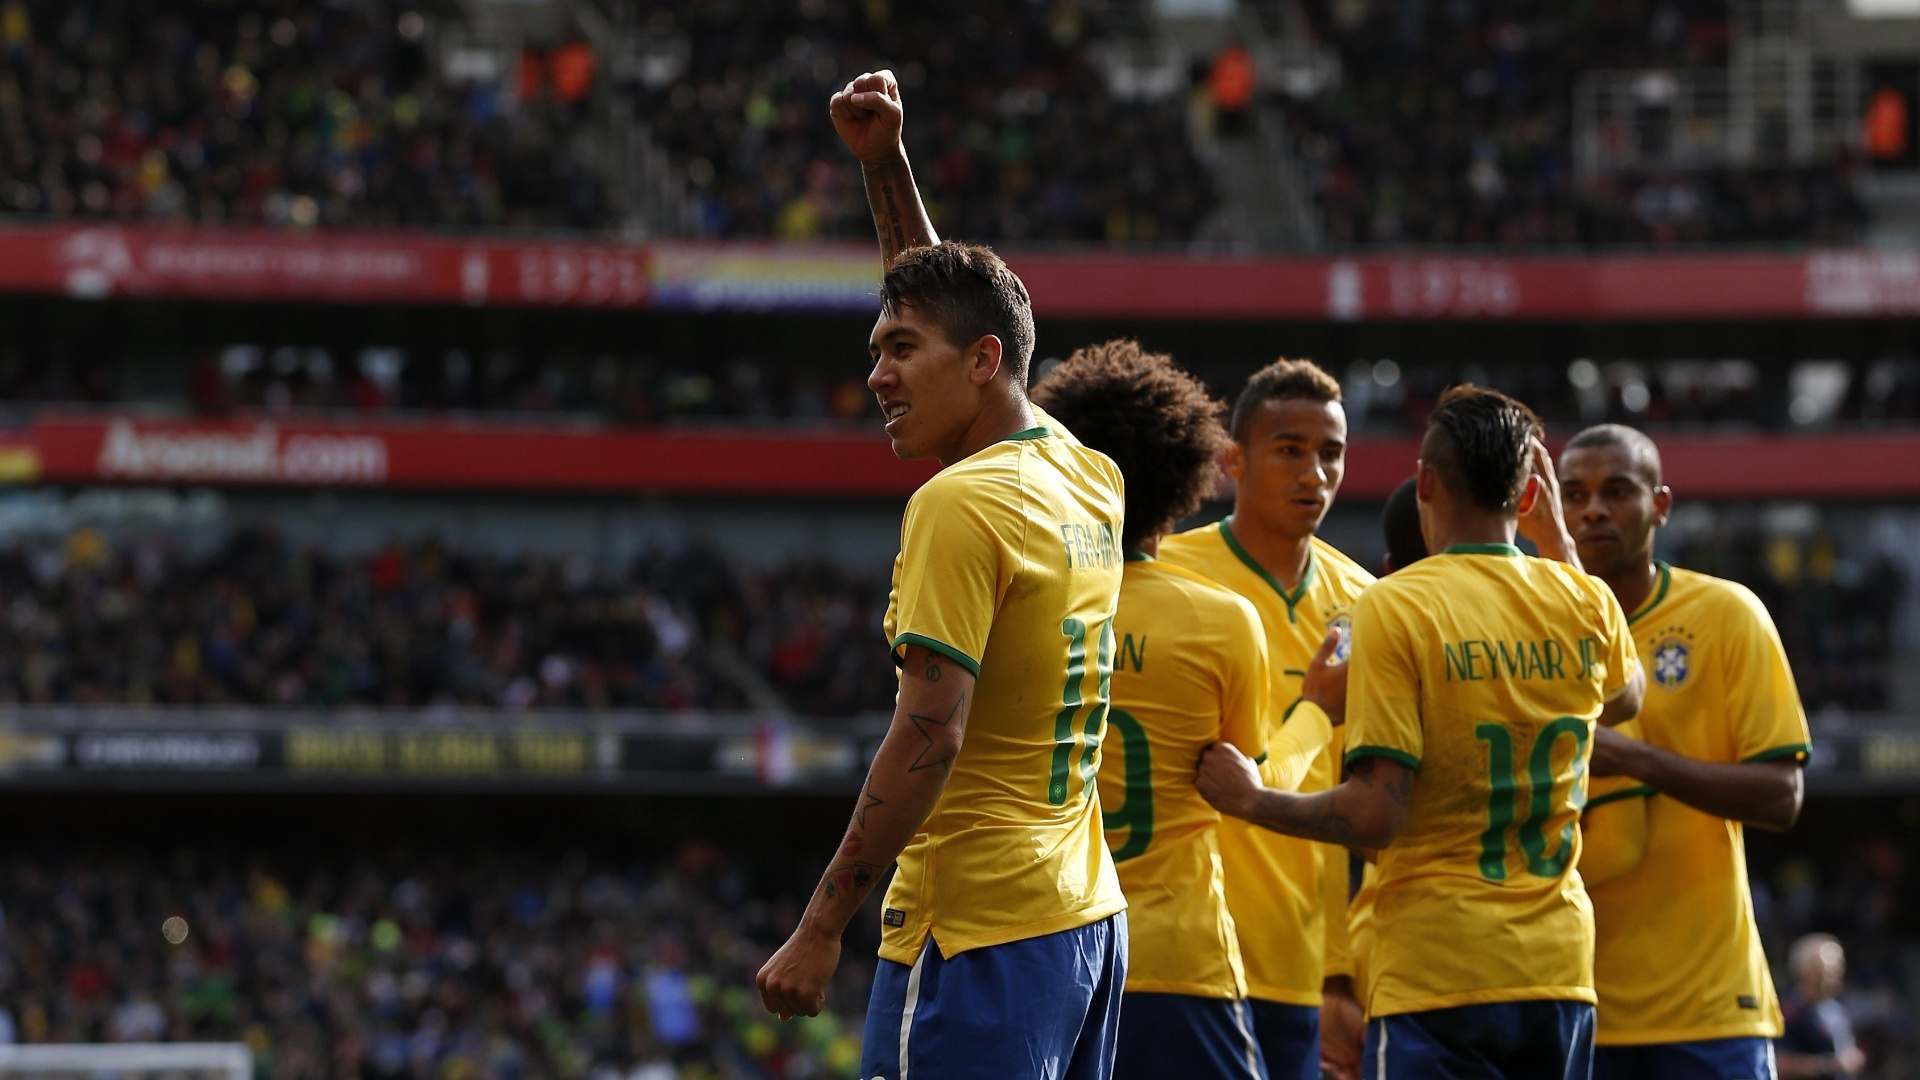 Roberto Firmino comemora gol marcado pela seleção brasileira em amistoso contra o Chile, no Emirates Stadium, em 2015